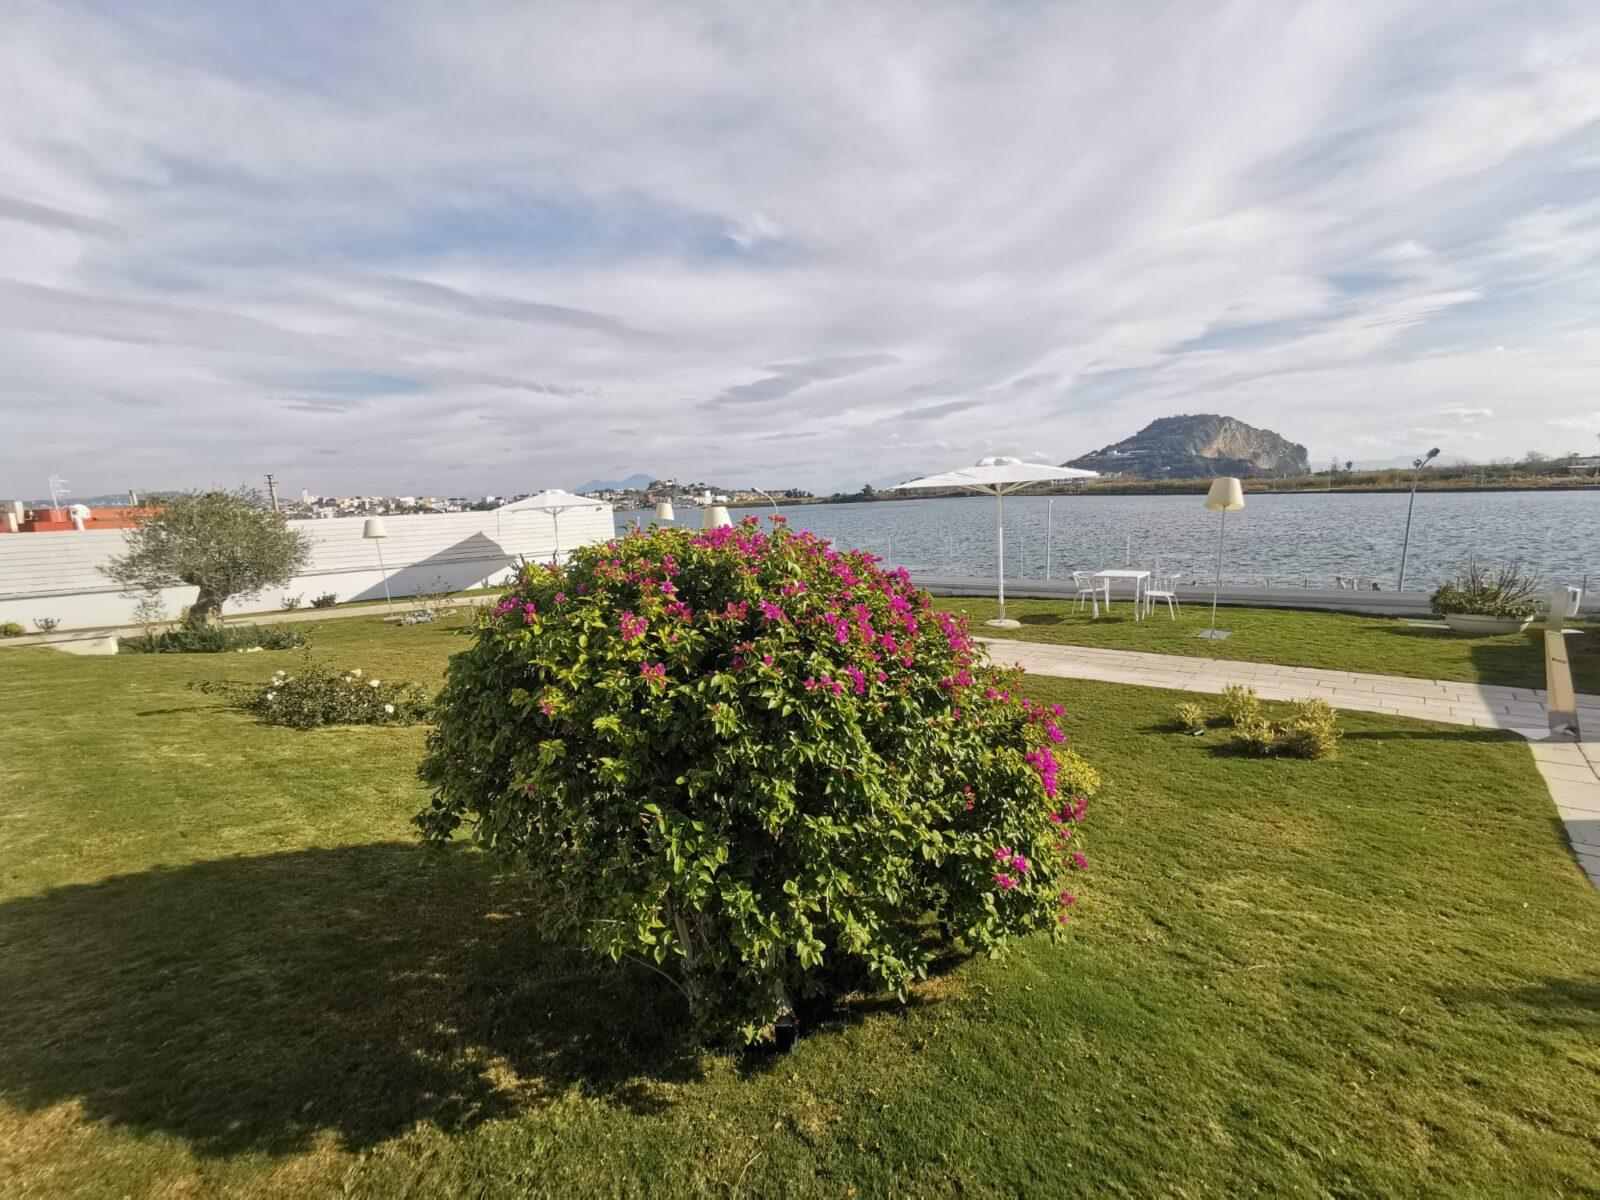 Dimora di Gea e Lago Miseno